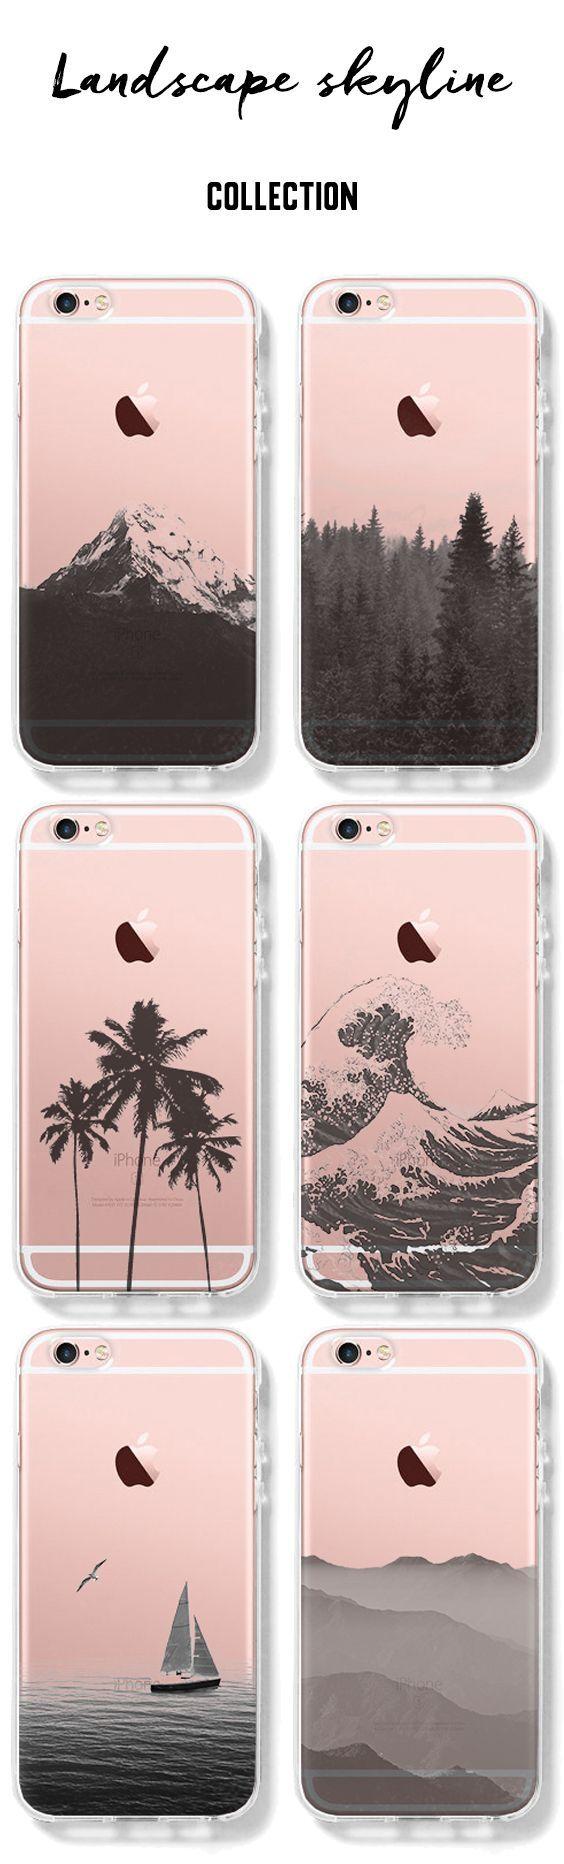 Stylish Landscape iPhone Clear Case for 6S/6/Plus/SE/5S/5/5C